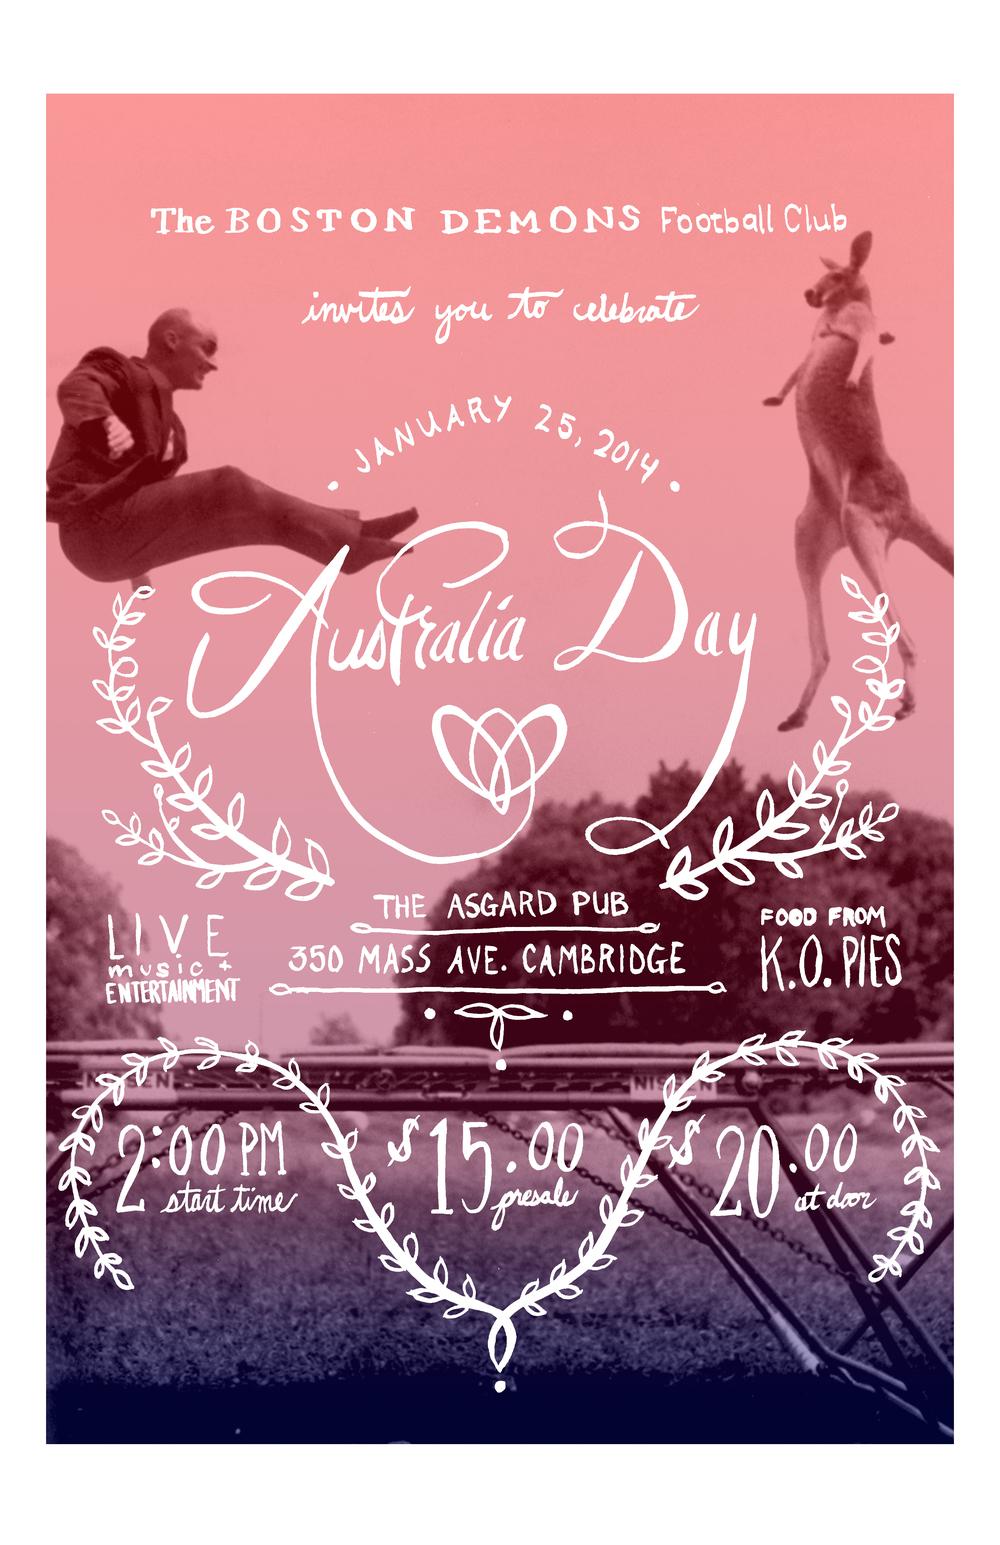 Oz day poster2.jpg